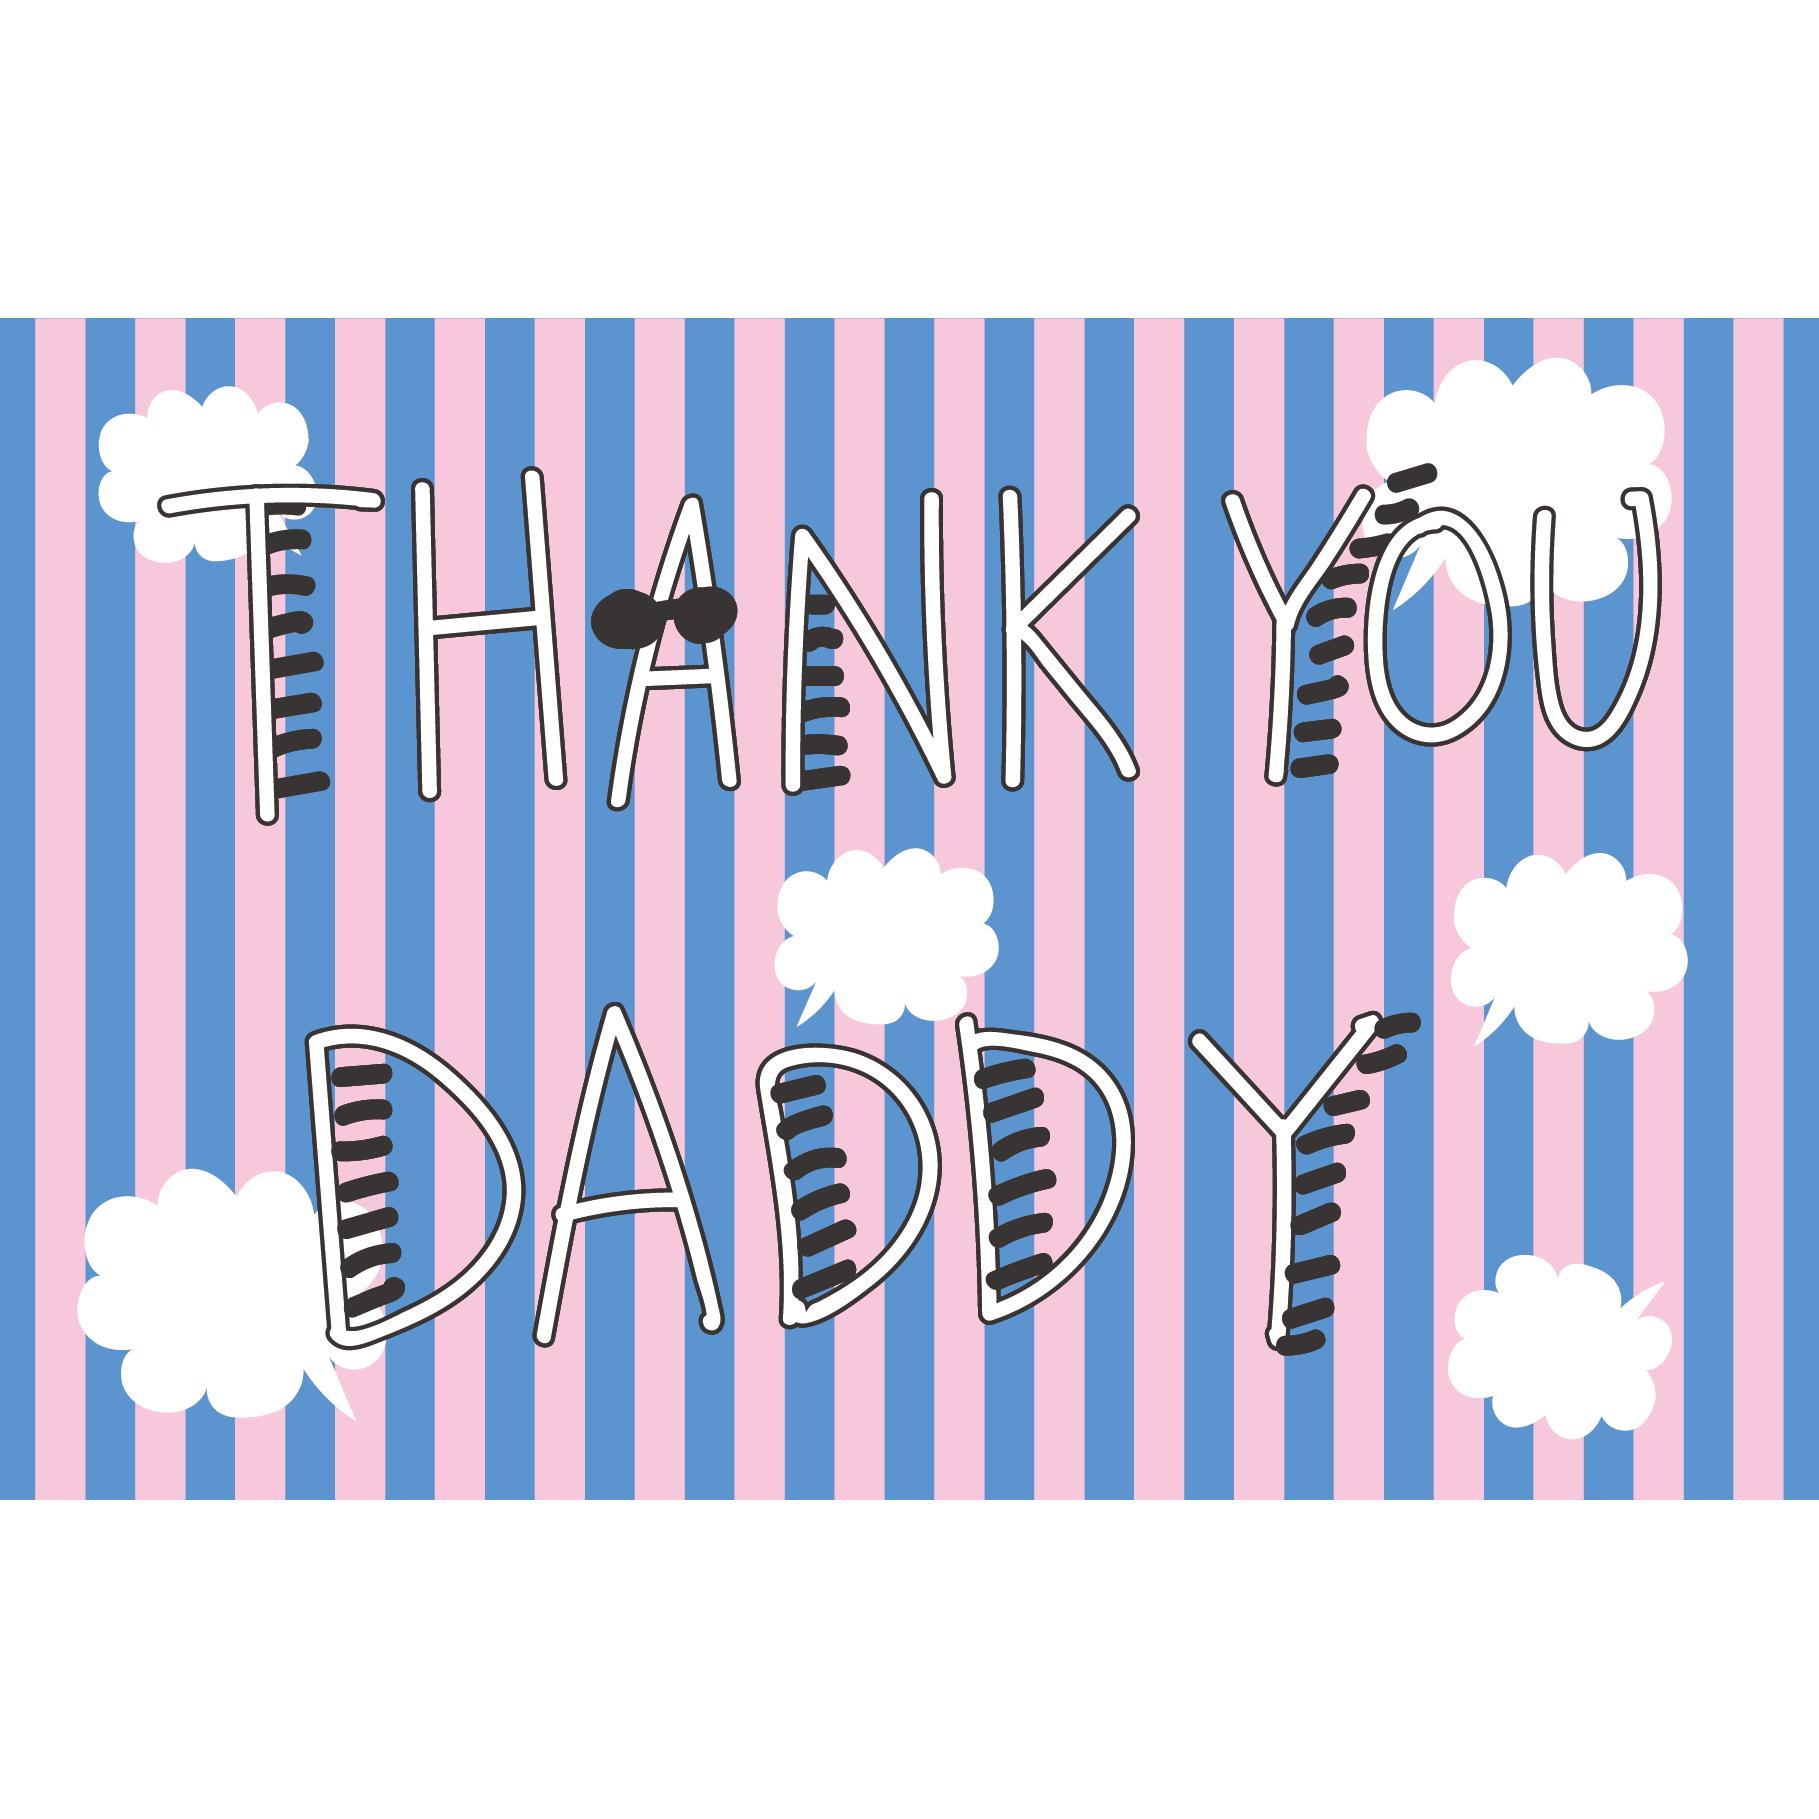 Thank you daddy!お父さんありがとう♪父の日のポストカード イラスト